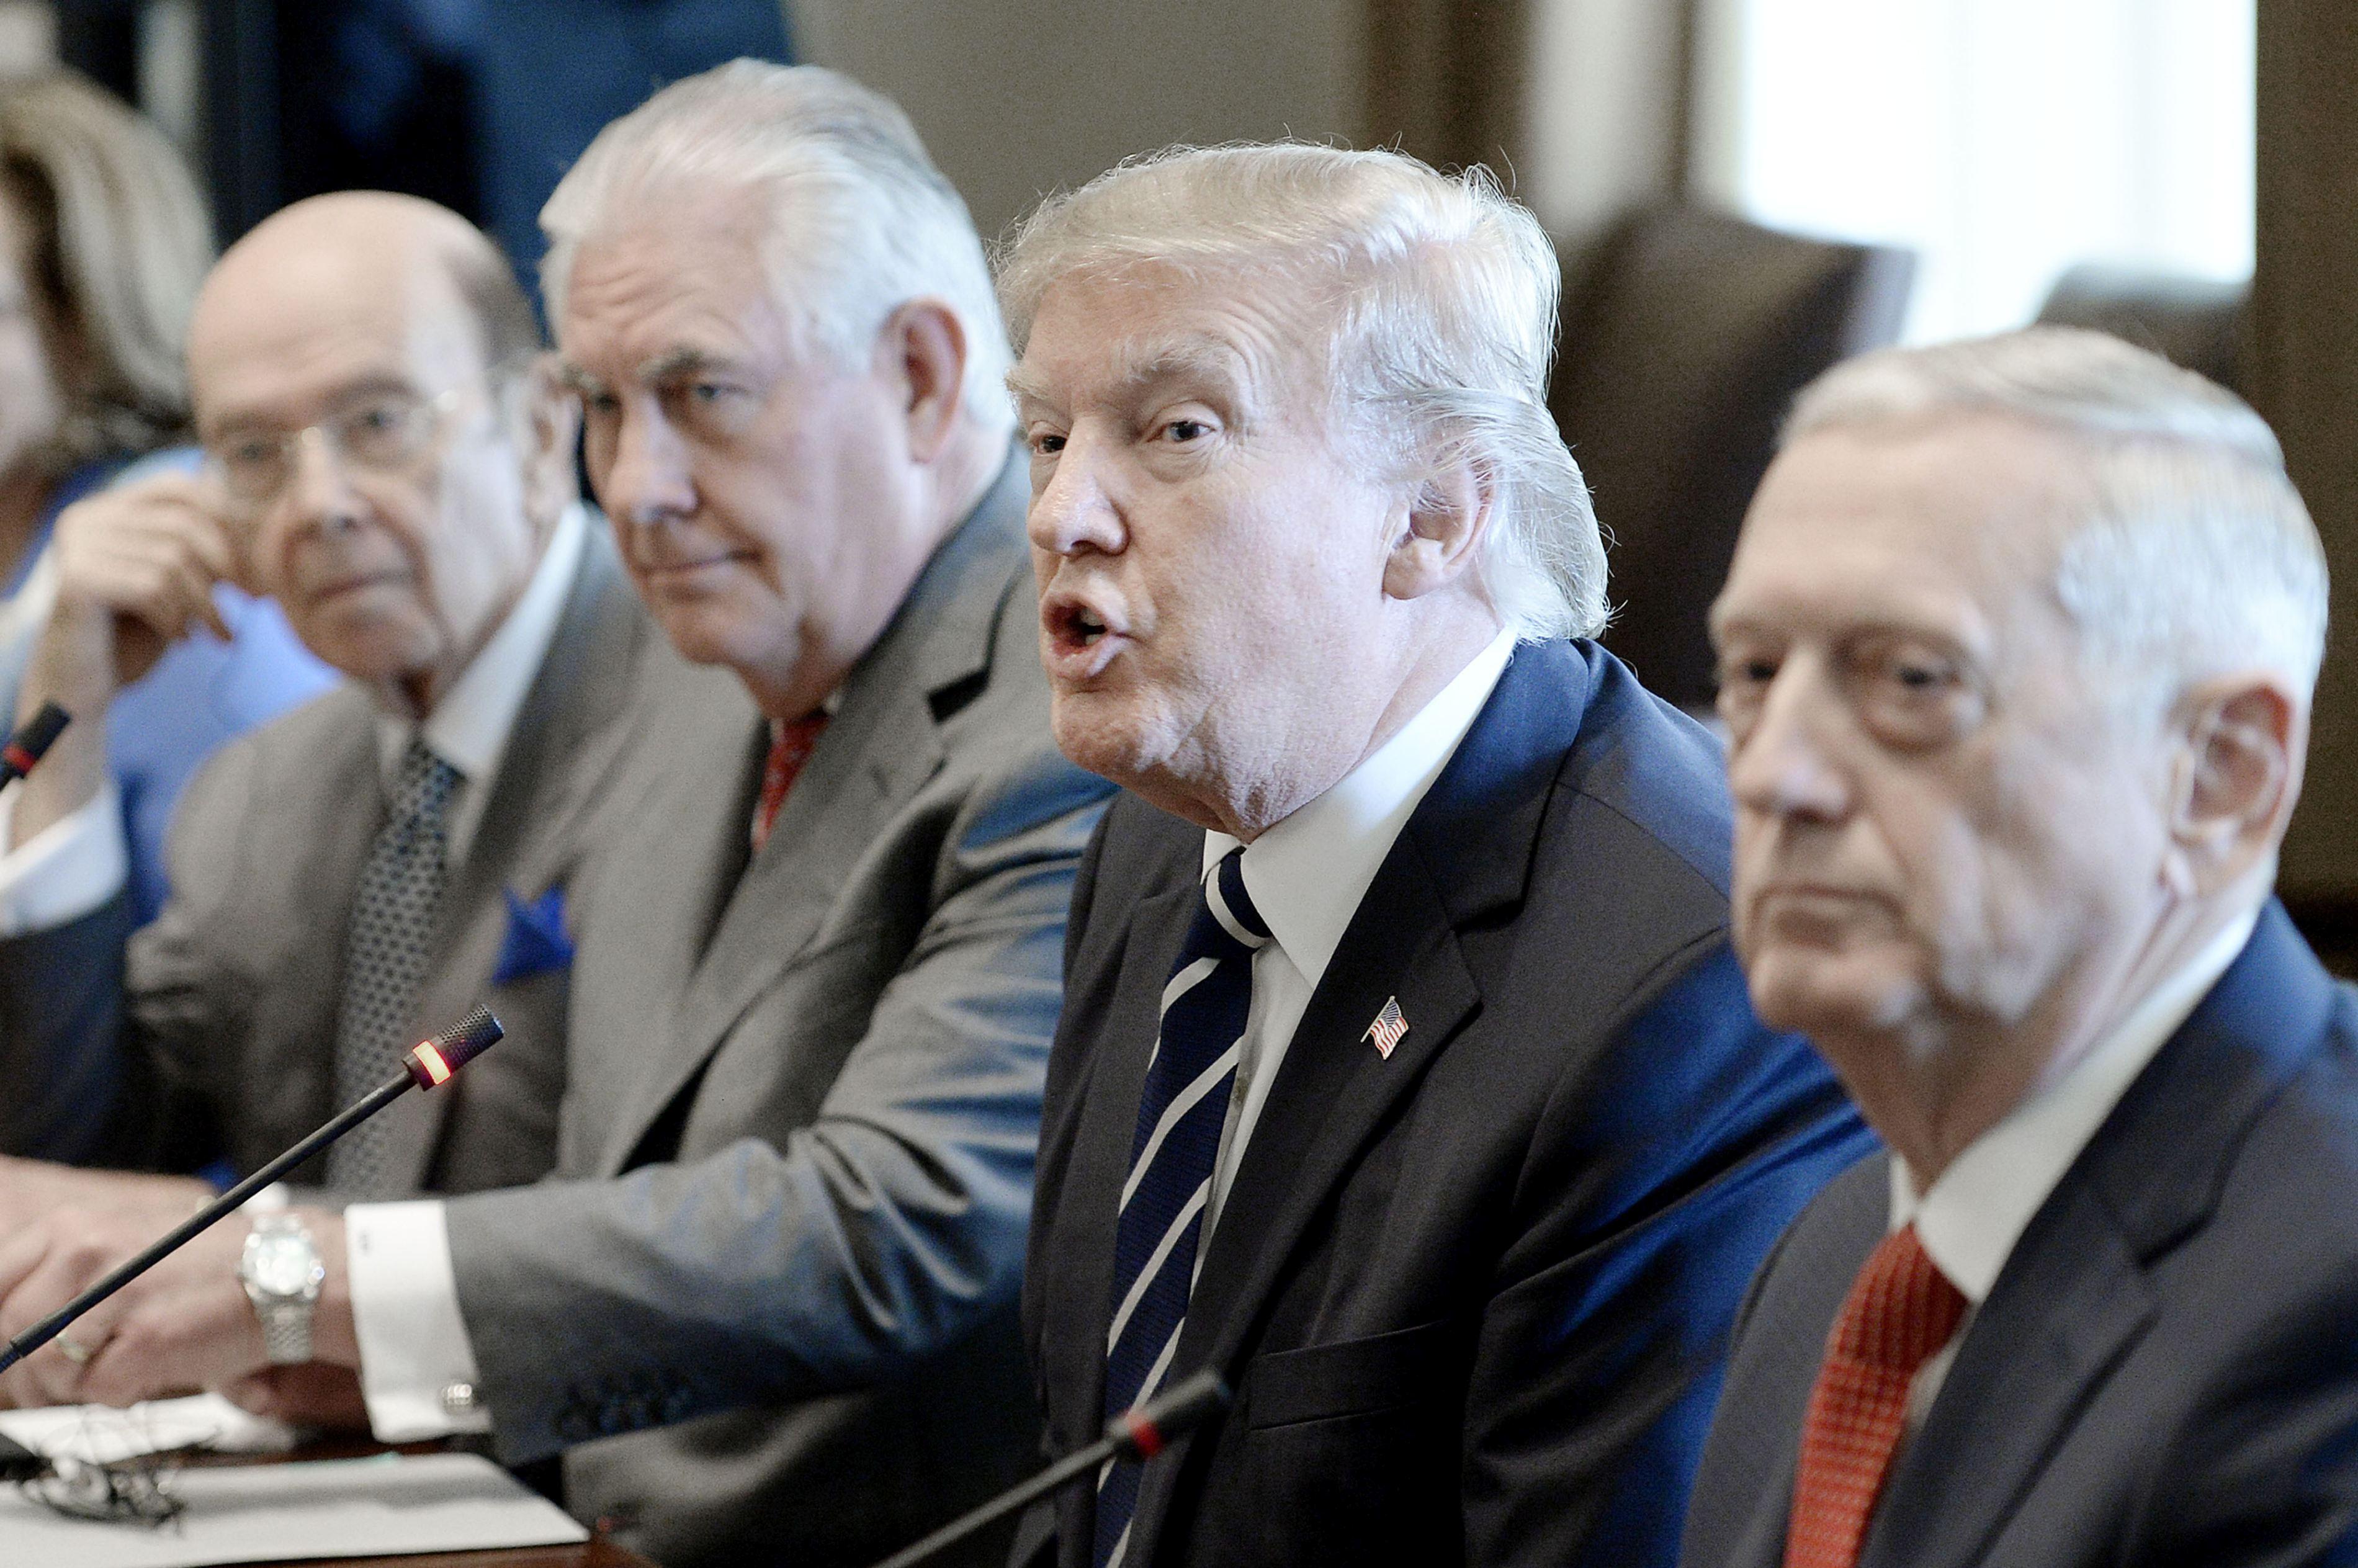 CNN: Rex Tillerson, James Mattis şi directorul CIA s-au opus deciziei preşedintelui Donald Trump privind Ierusalimul/ Tillerson: Prin decizia privind Ierusalimul,Trump a îndeplinit voinţa poporului american